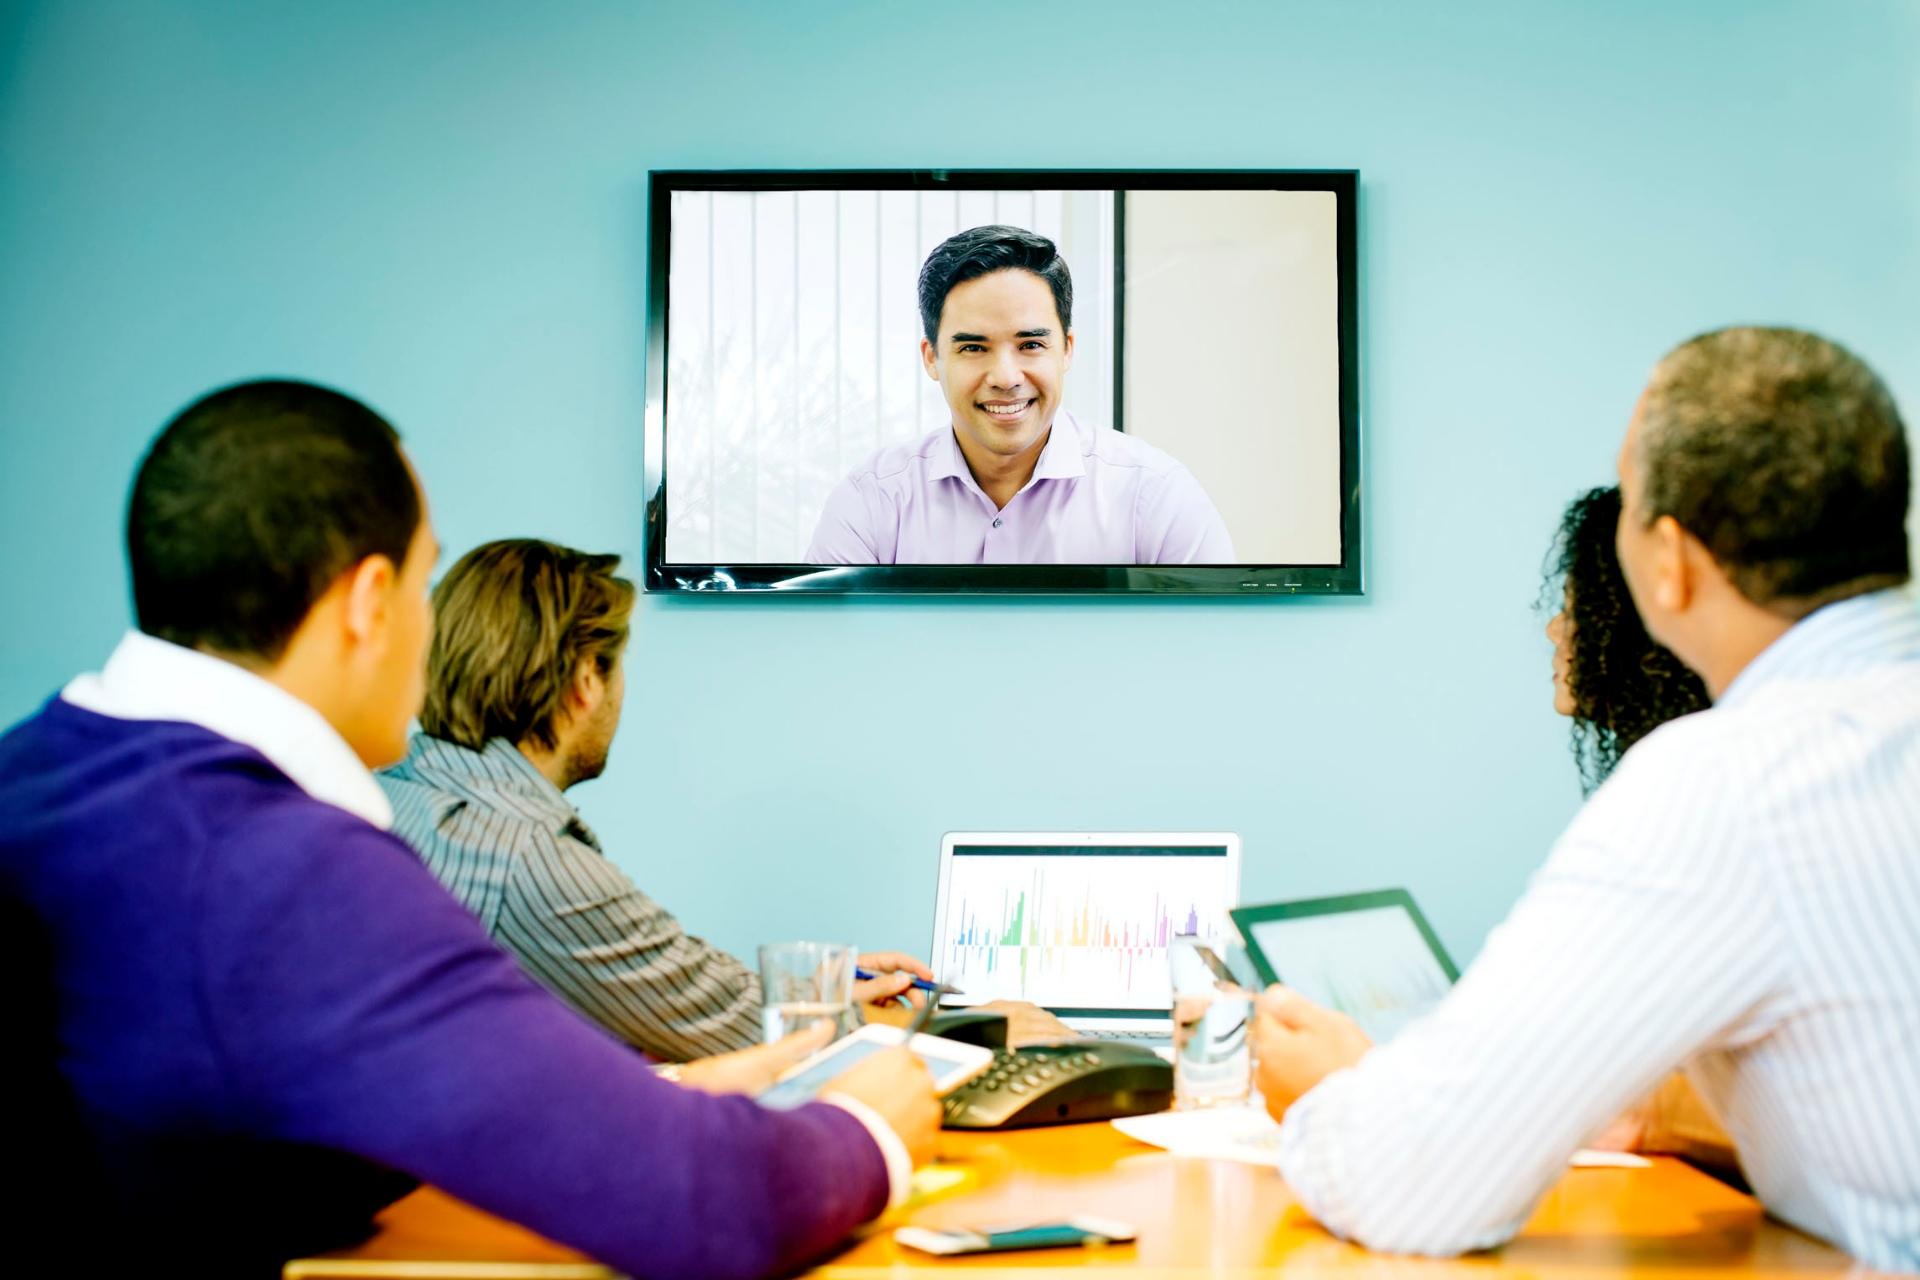 选购内网视频会议系统,应该避免哪些